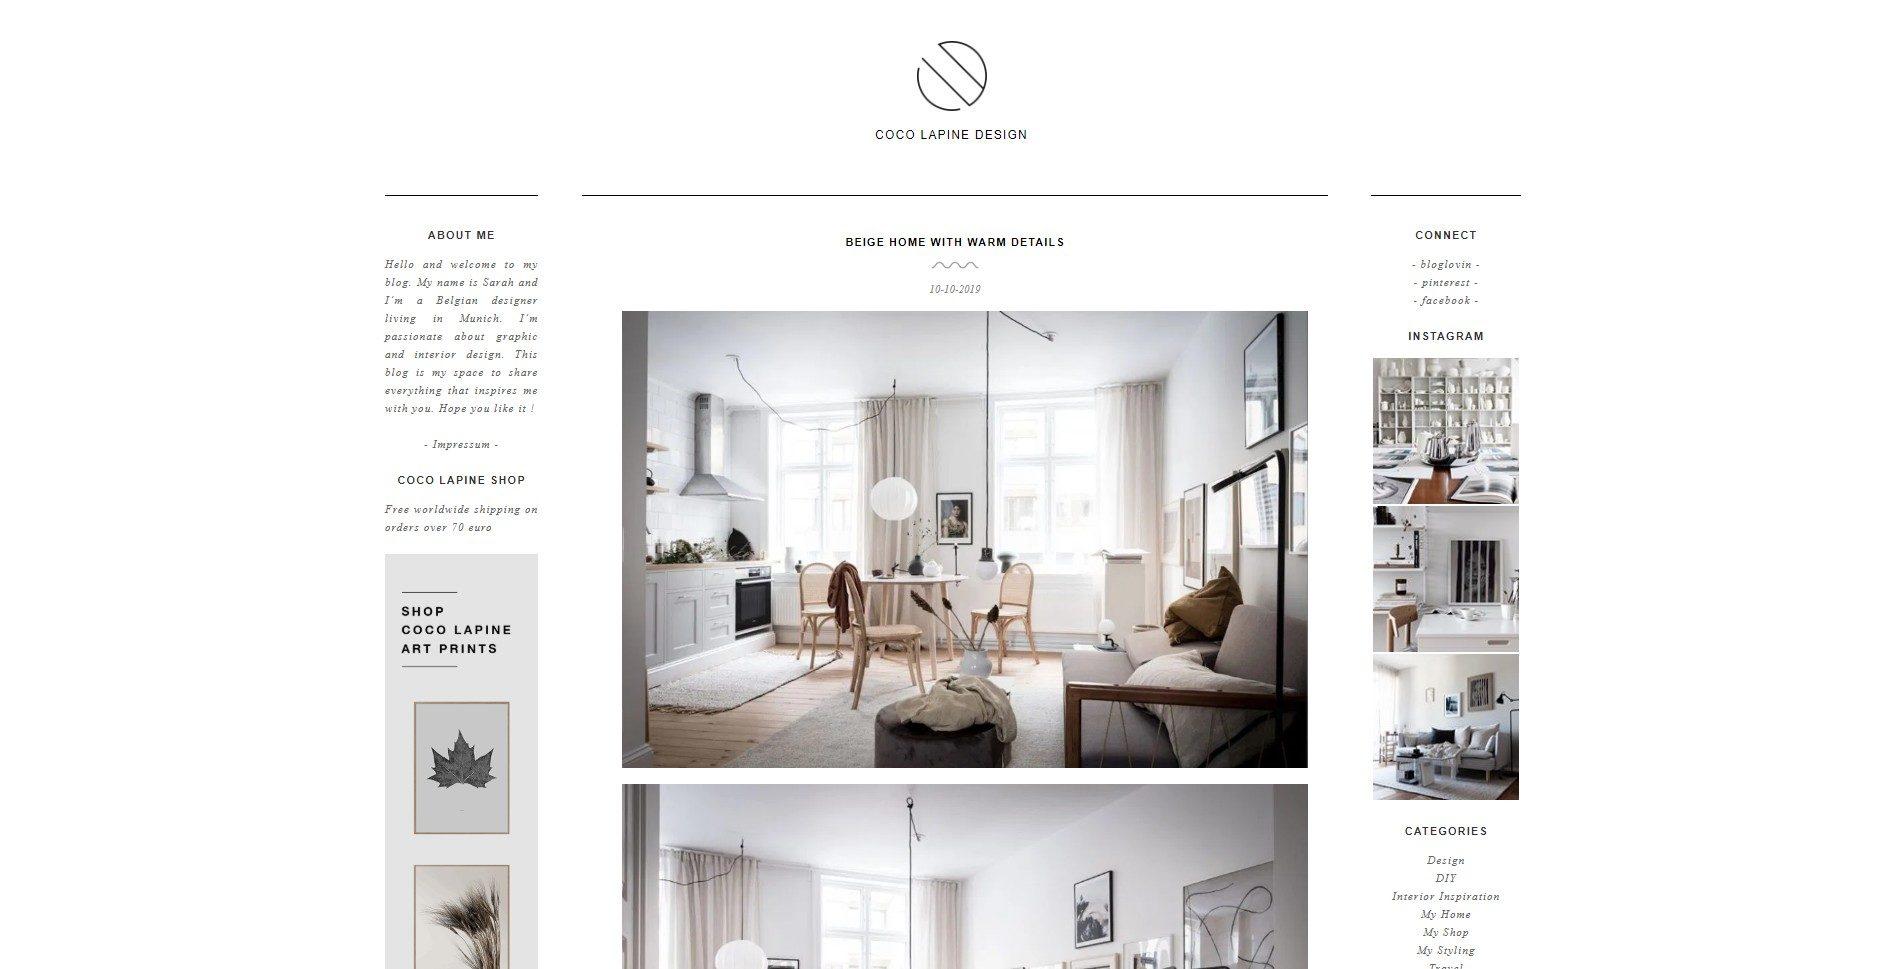 Coco Lapine Design - Interior design blog